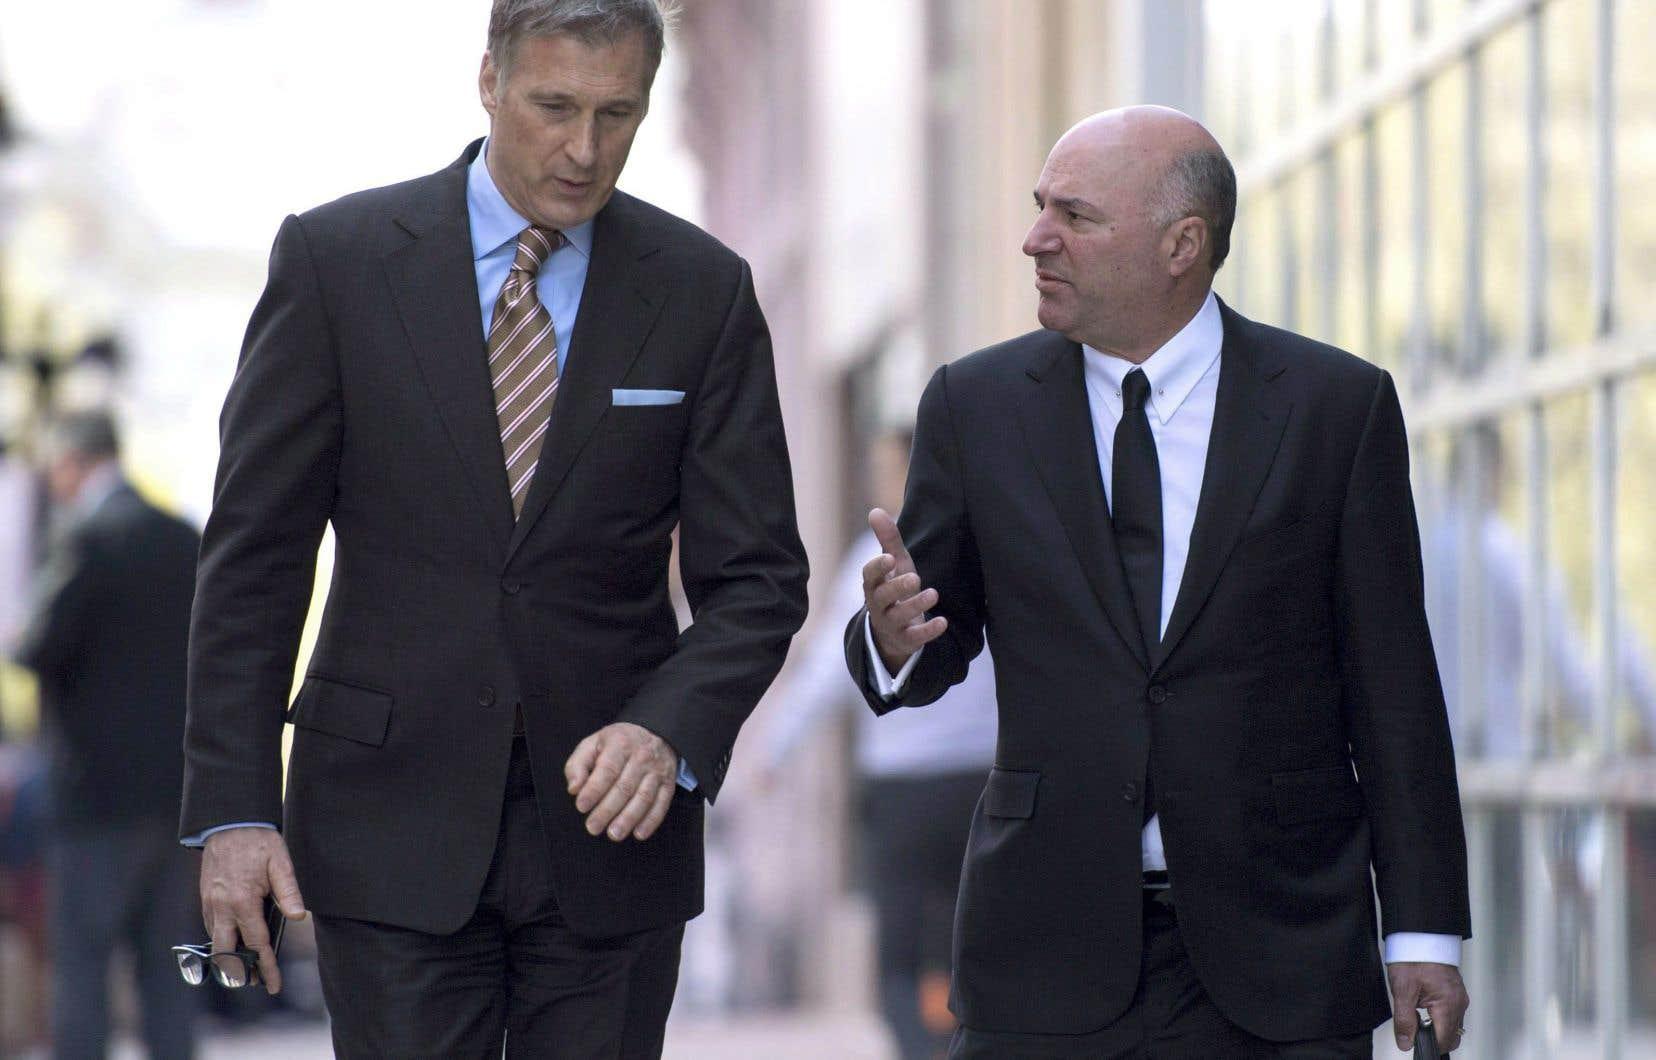 Les candidats Maxime Bernier et Kevin O'Leary affichent une dette respective de 250 000$ et plus de 500 000$.